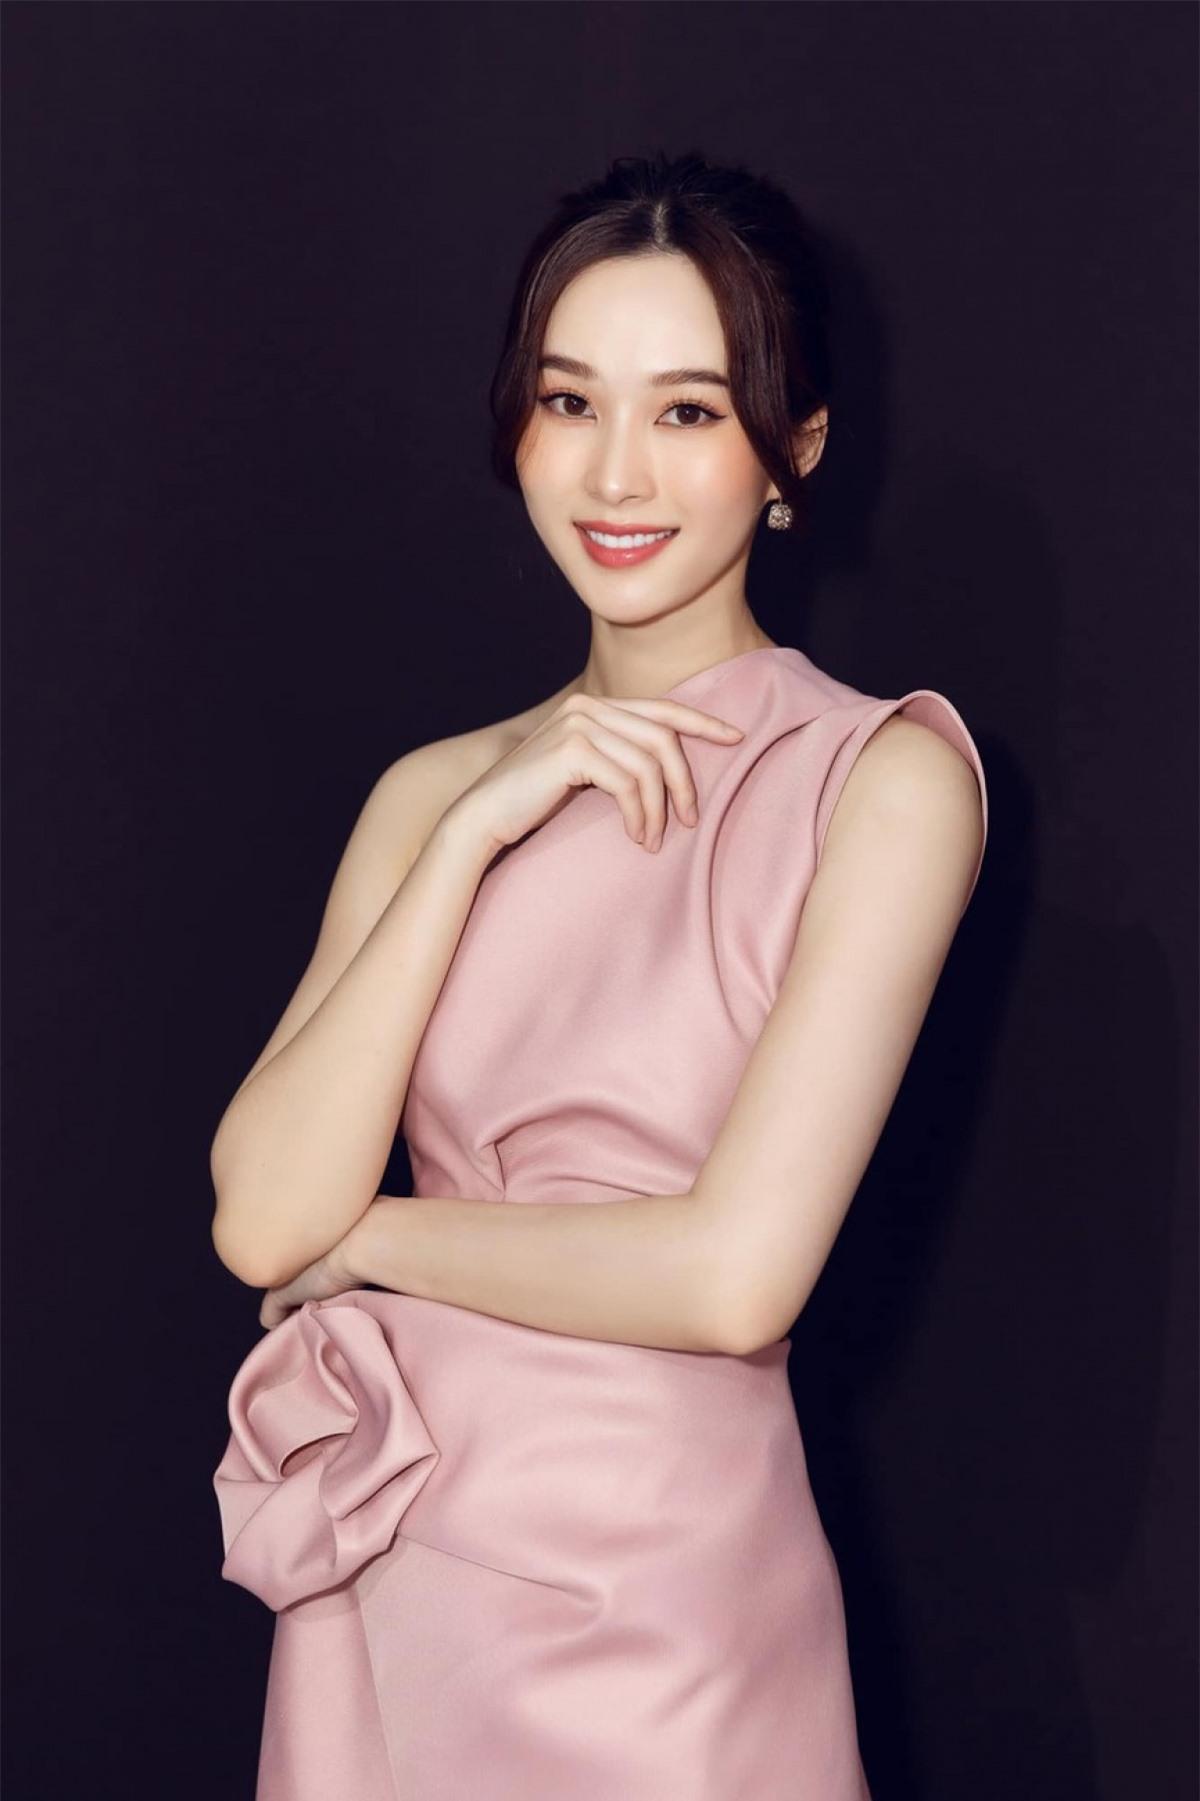 Ở tuổi 30, Hoa hậu Đặng Thu Thảo vẫn sở hữu nhan sắc cực kỳ rạng rỡ, xinh đẹp khiến nhiều người ngưỡng mộ.